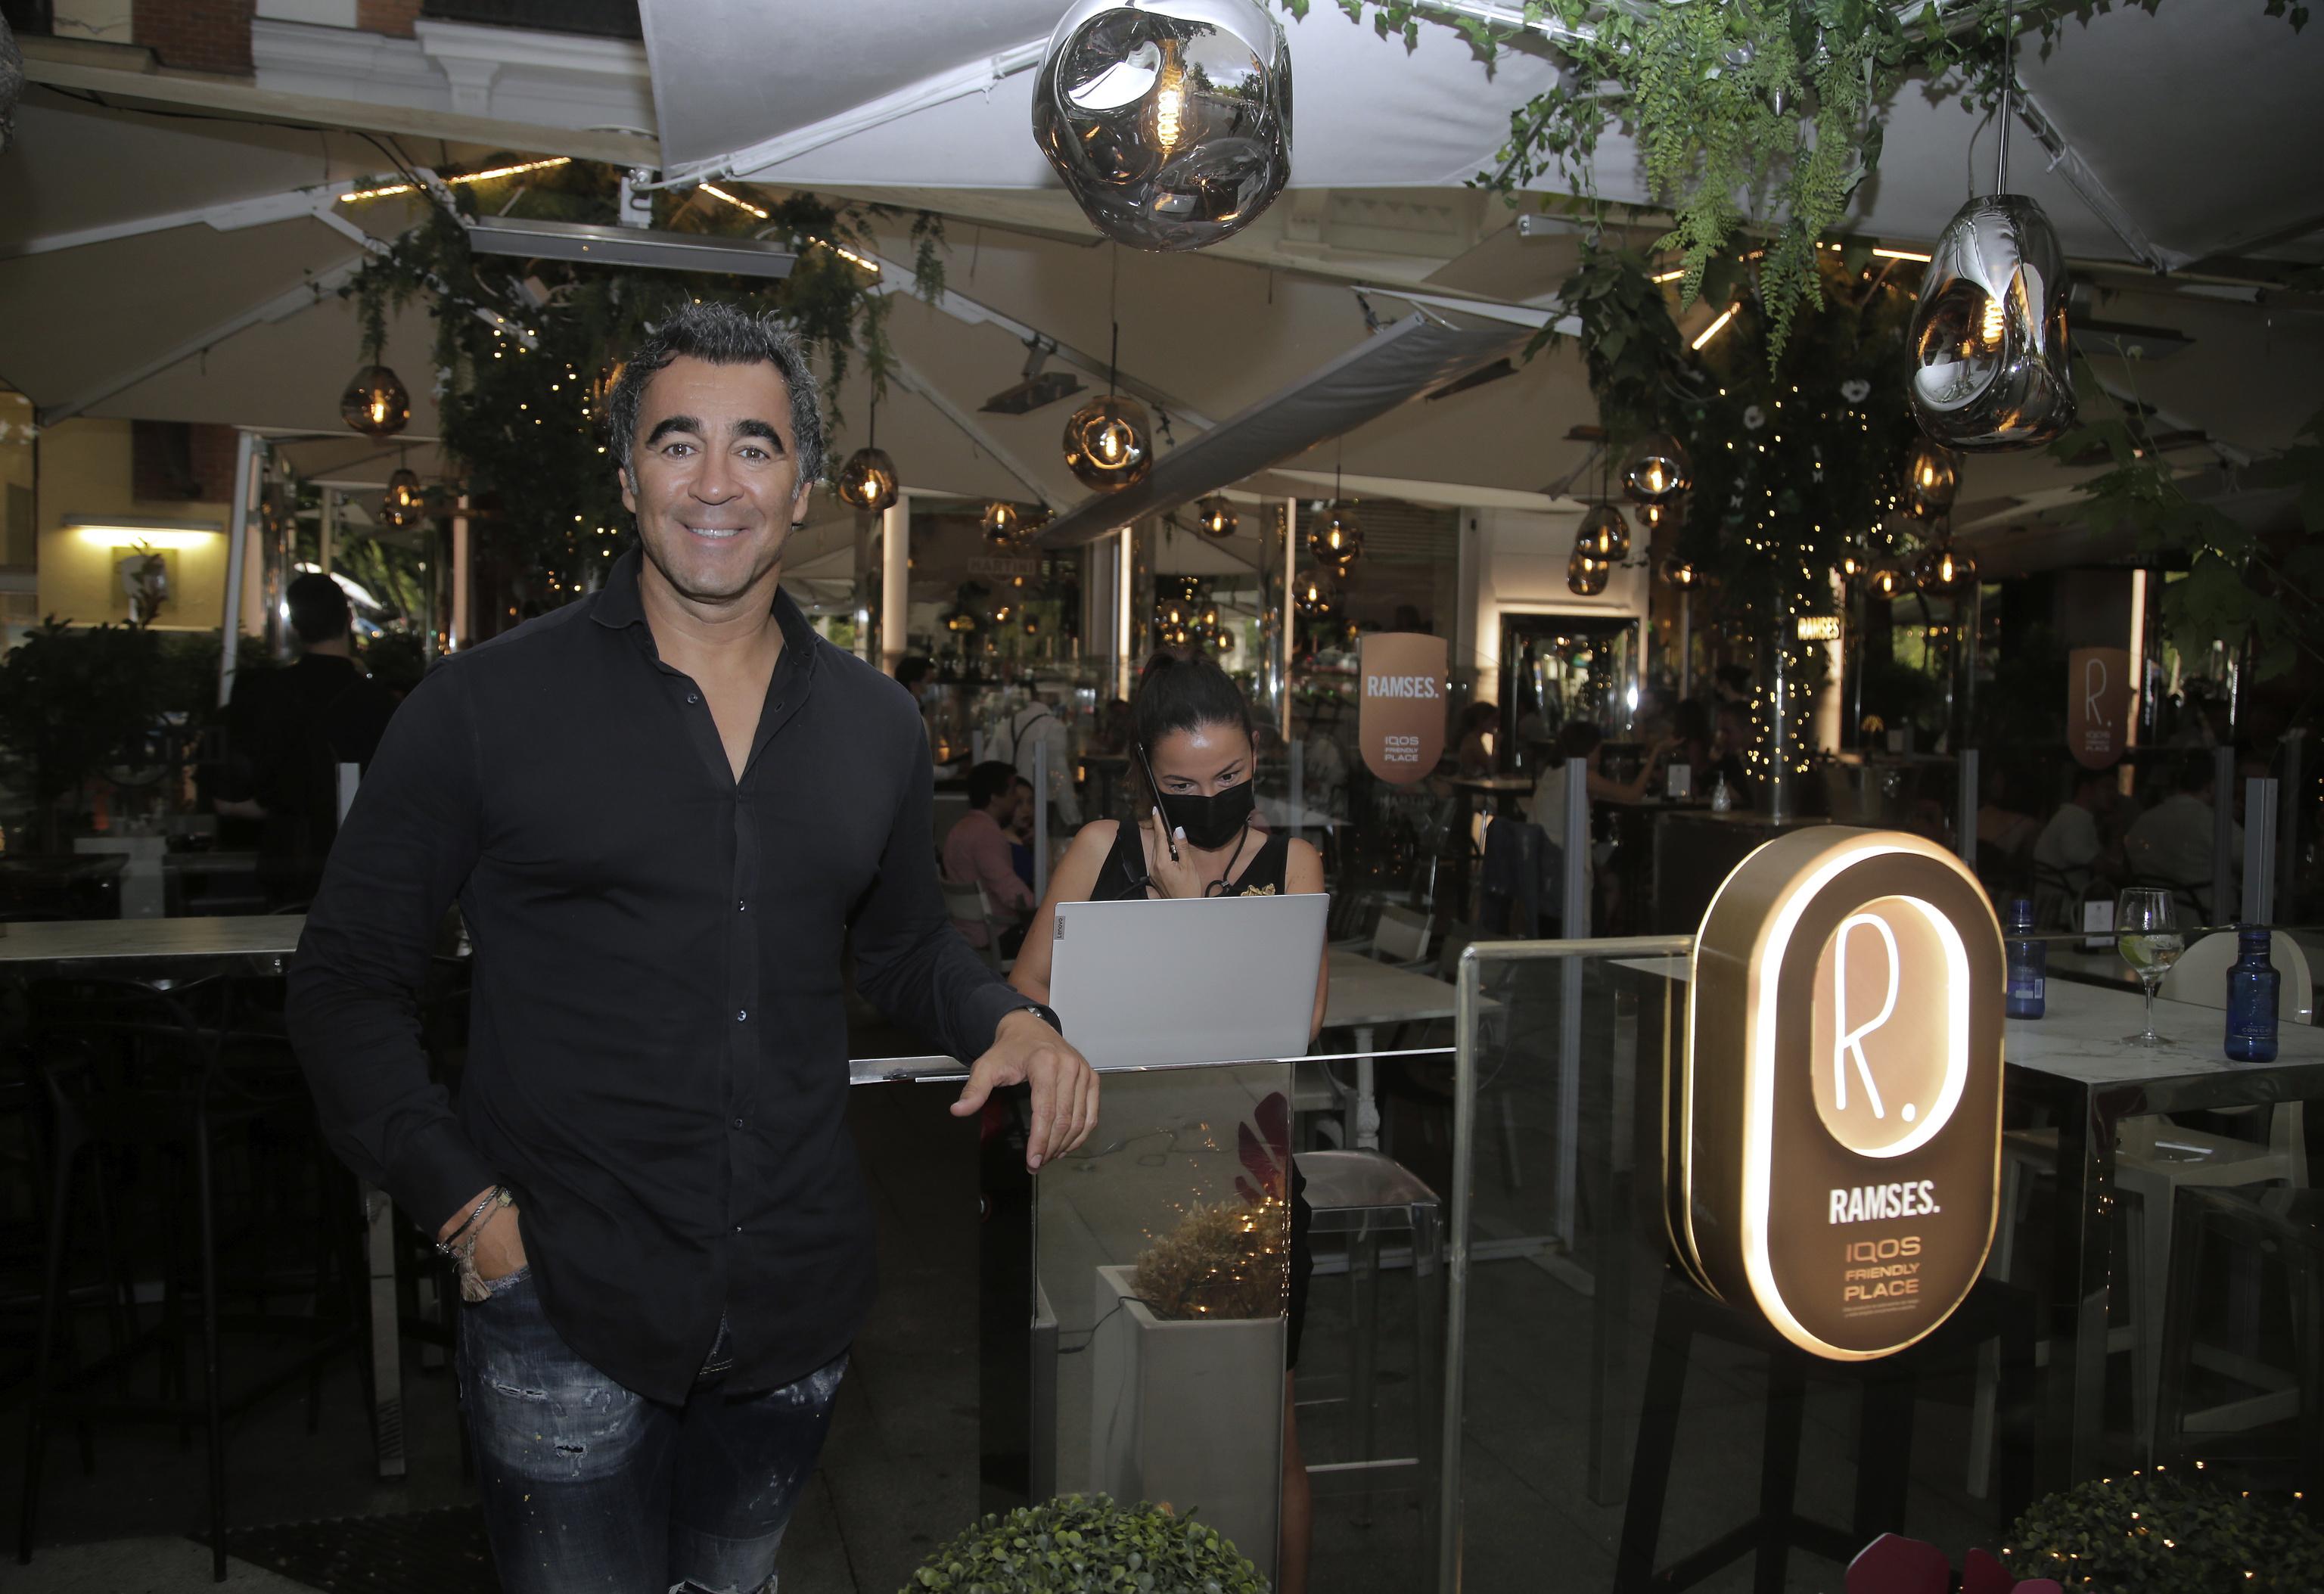 Jorge Ramsés posa delante de su restaurante.